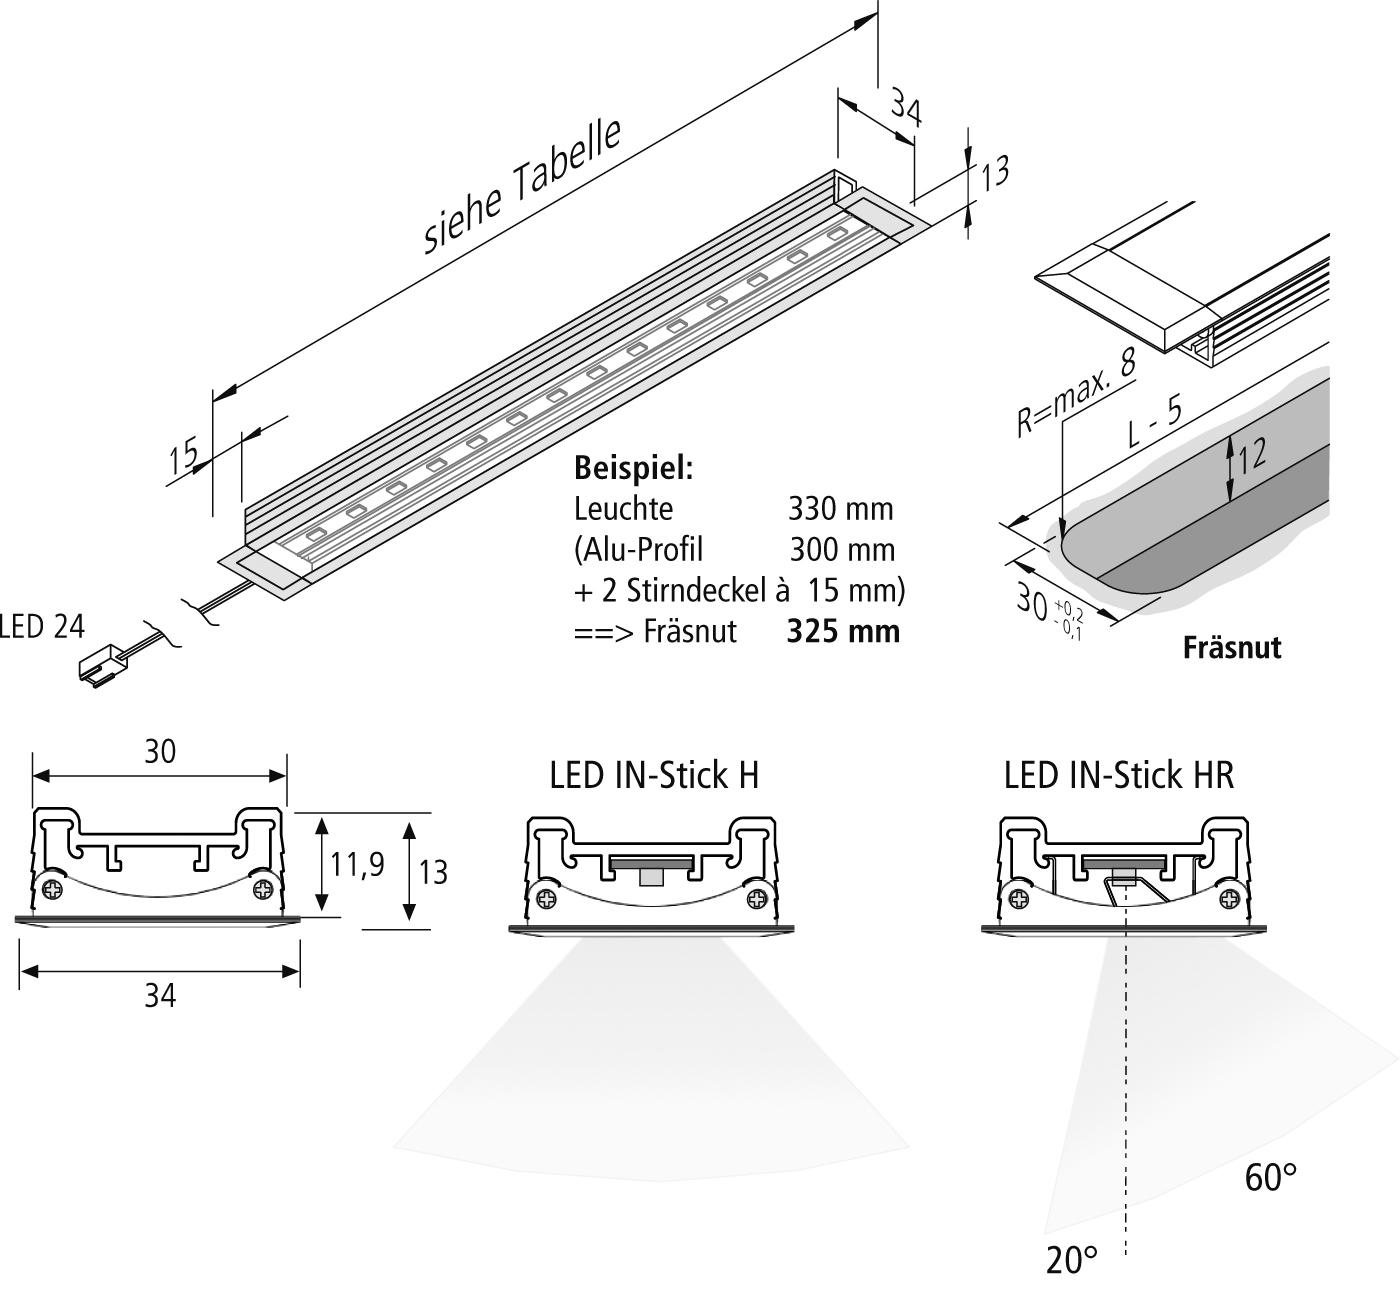 Vorschau: LED-IN-Stick-H_de